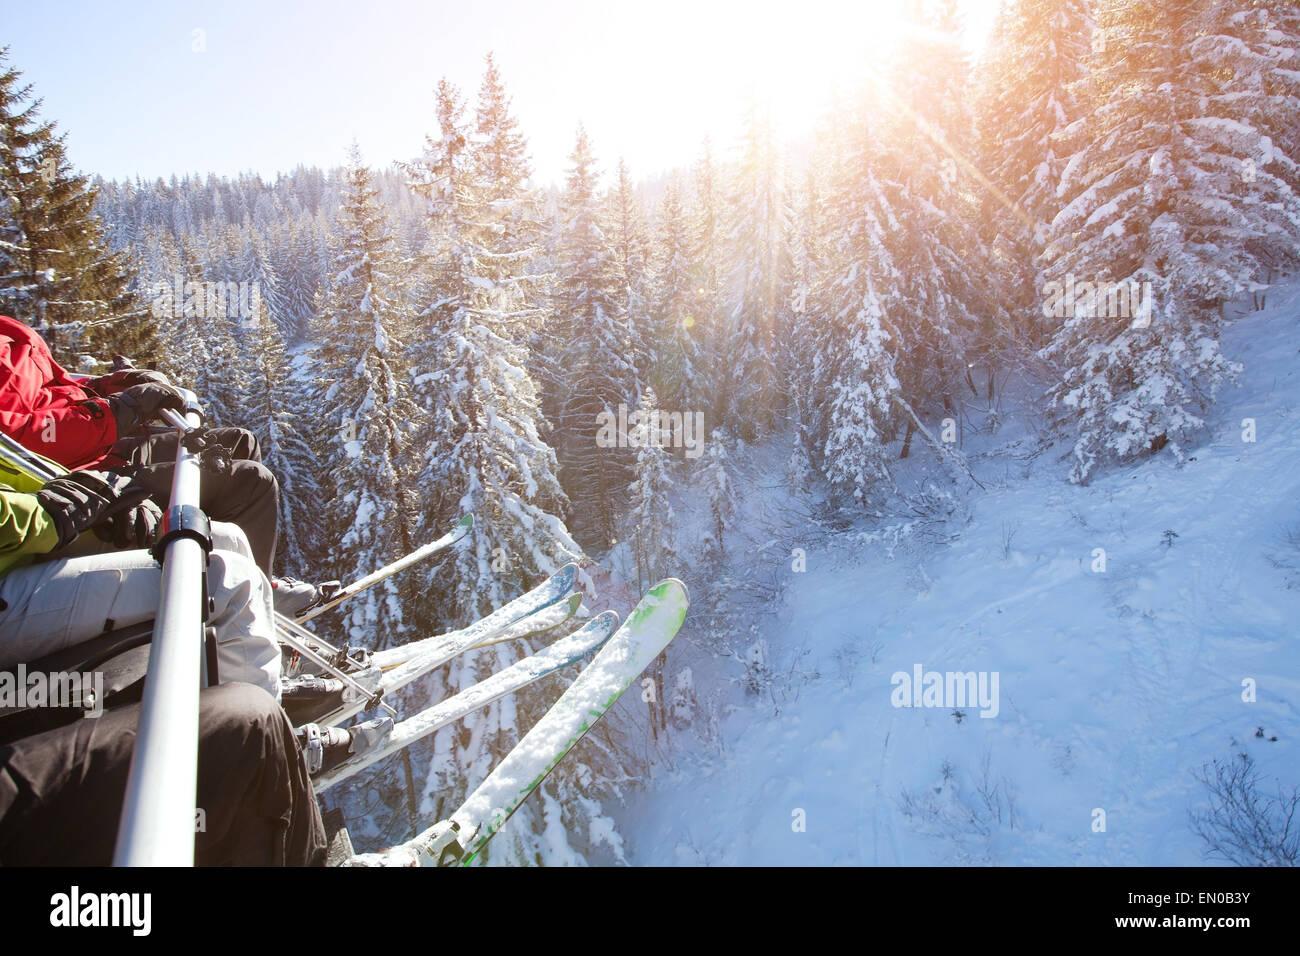 family sitting in ski lift - Stock Image